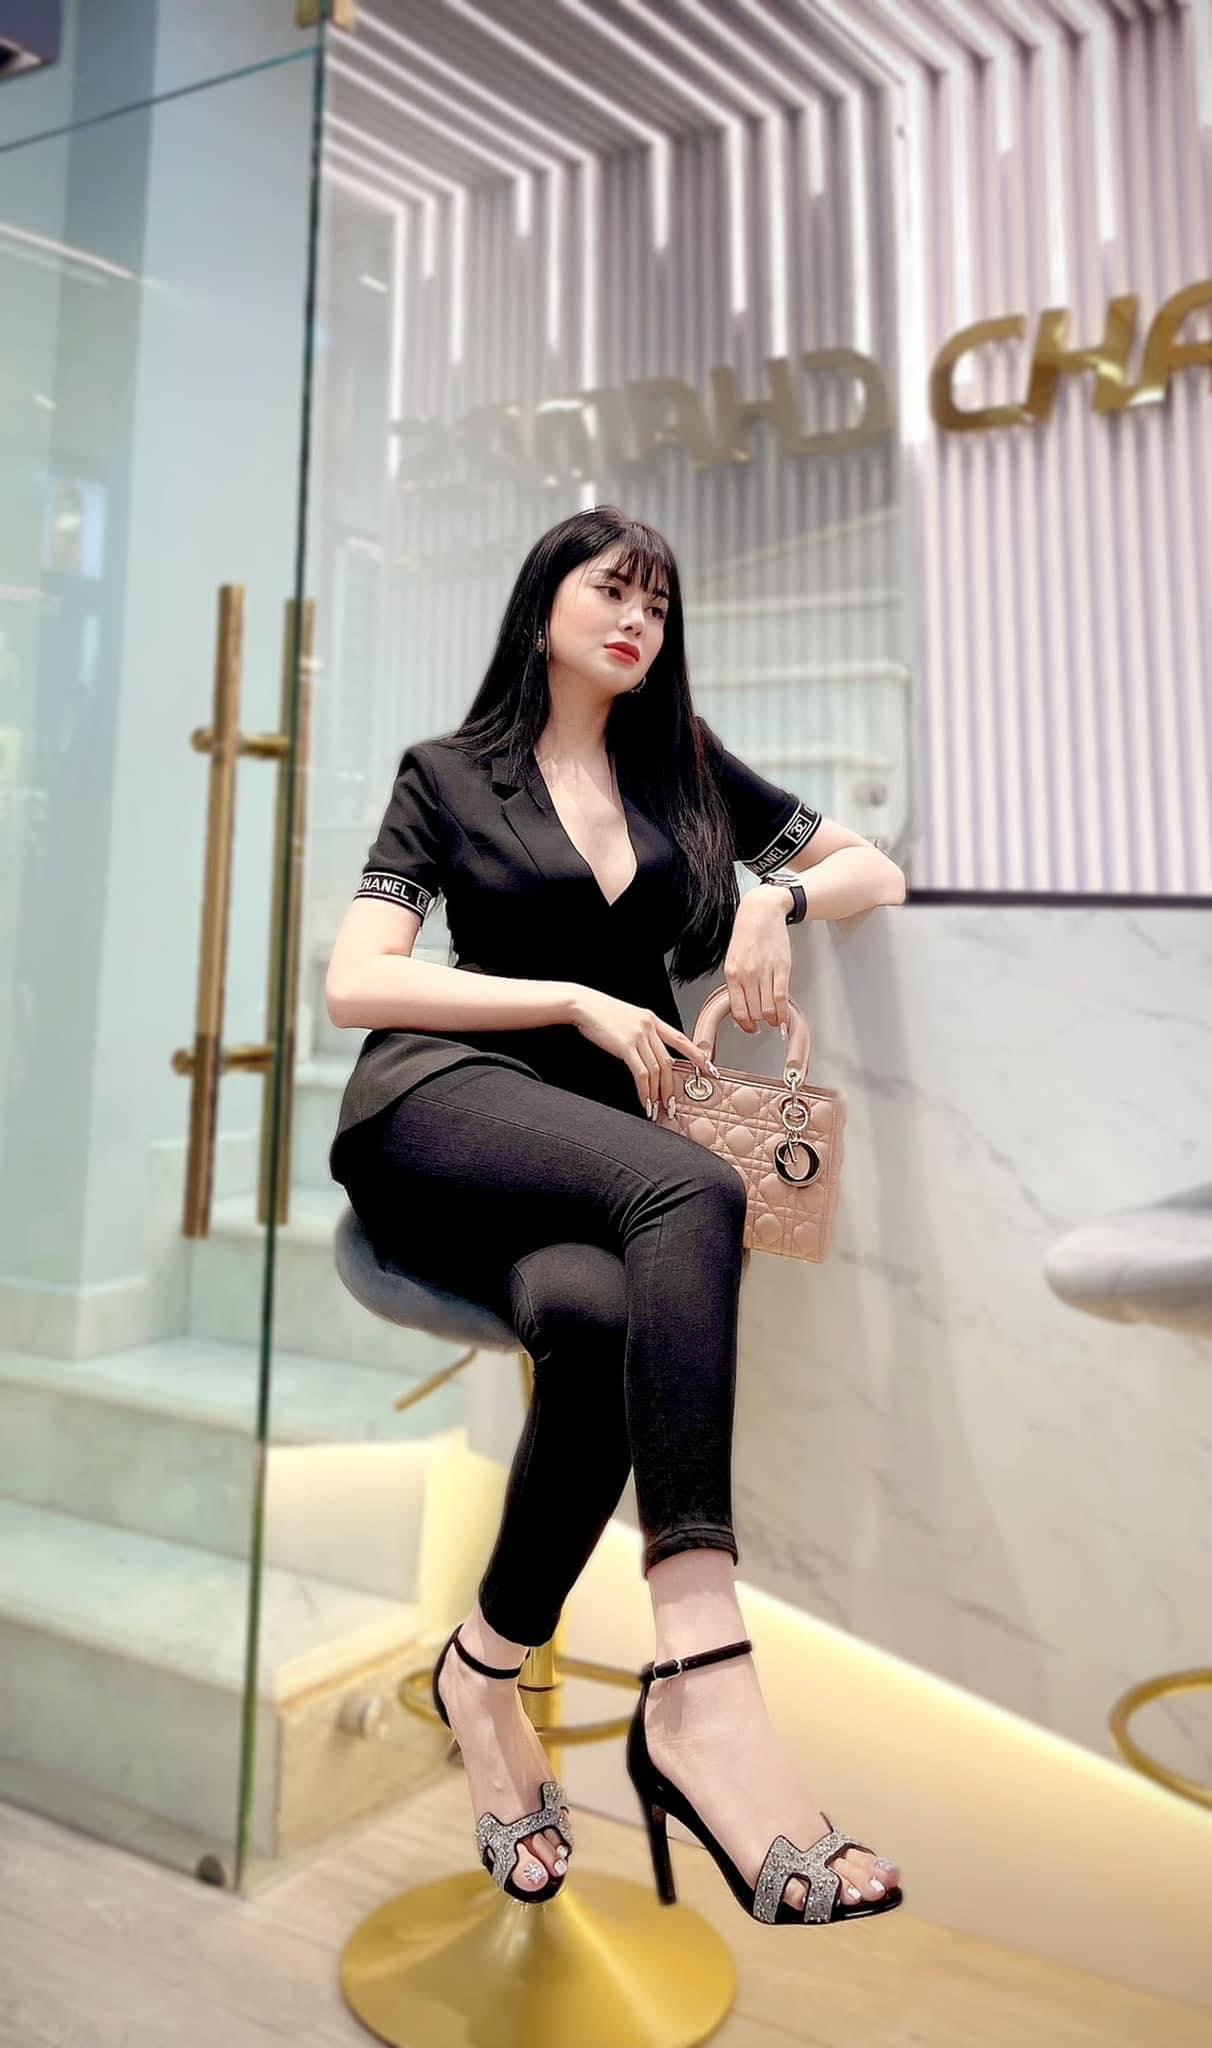 """Thú vui xa xỉ của ngọc nữ Bolero Lily Chen: Diện túi hiệu theo cách """"độc nhất vô nhị"""", có chiếc còn dùng để che nội y - Ảnh 6."""